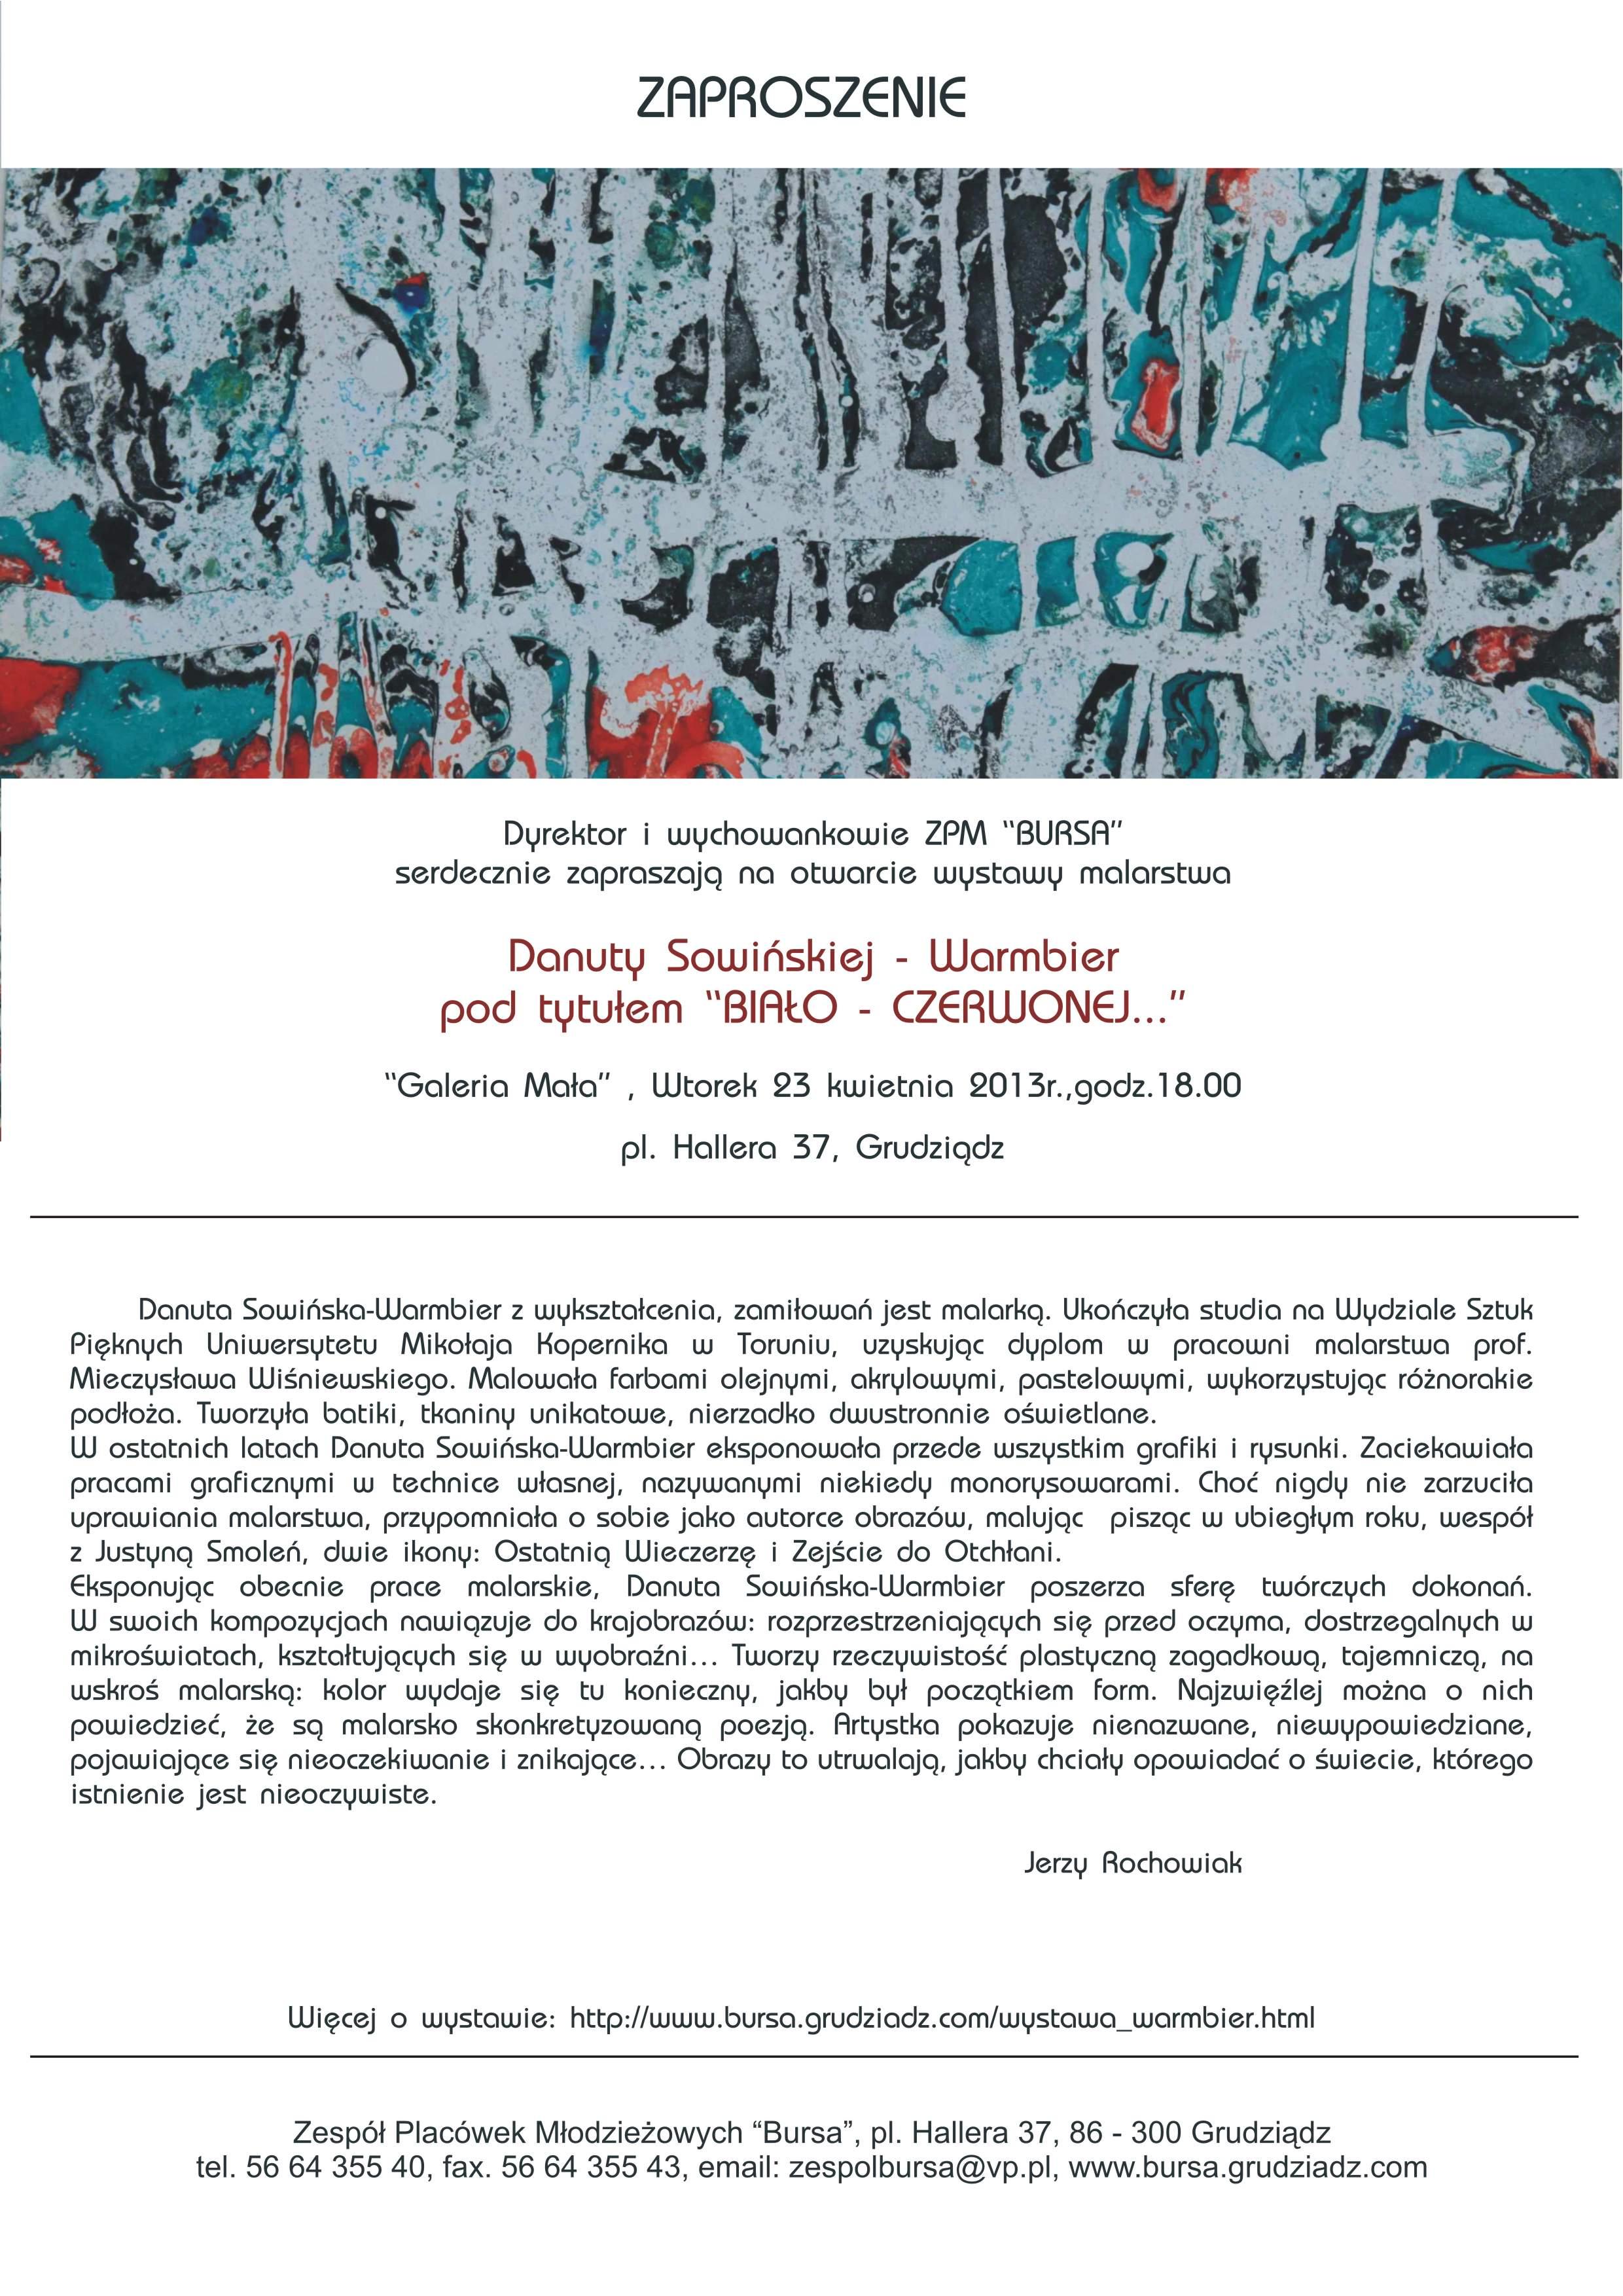 zaproszenie Danuta Sowinska Warmbier Grudziadz